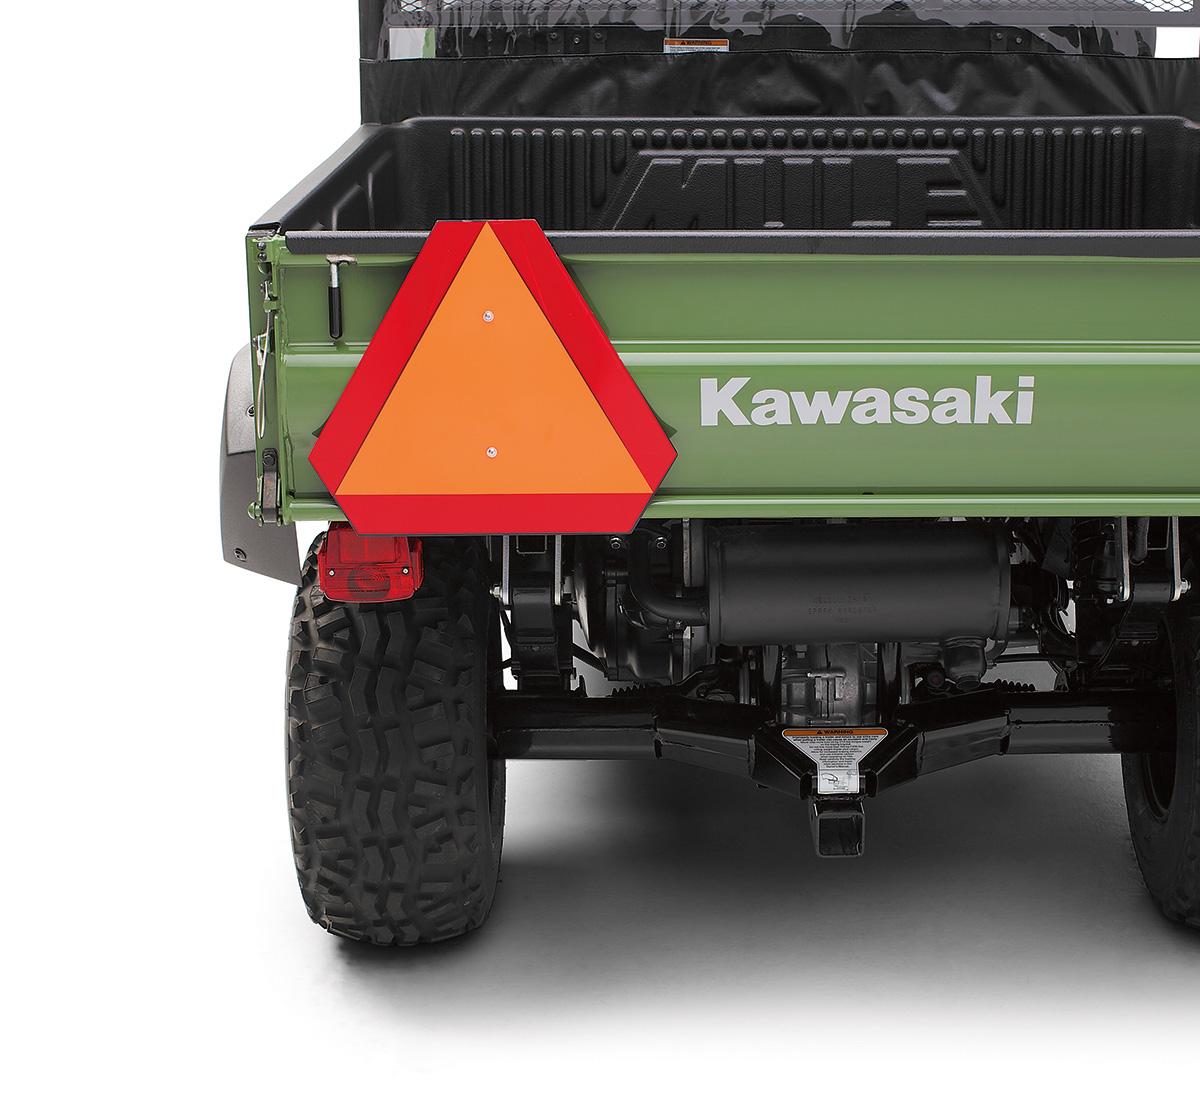 Kawasaki Mule 550 Trailer Hitch